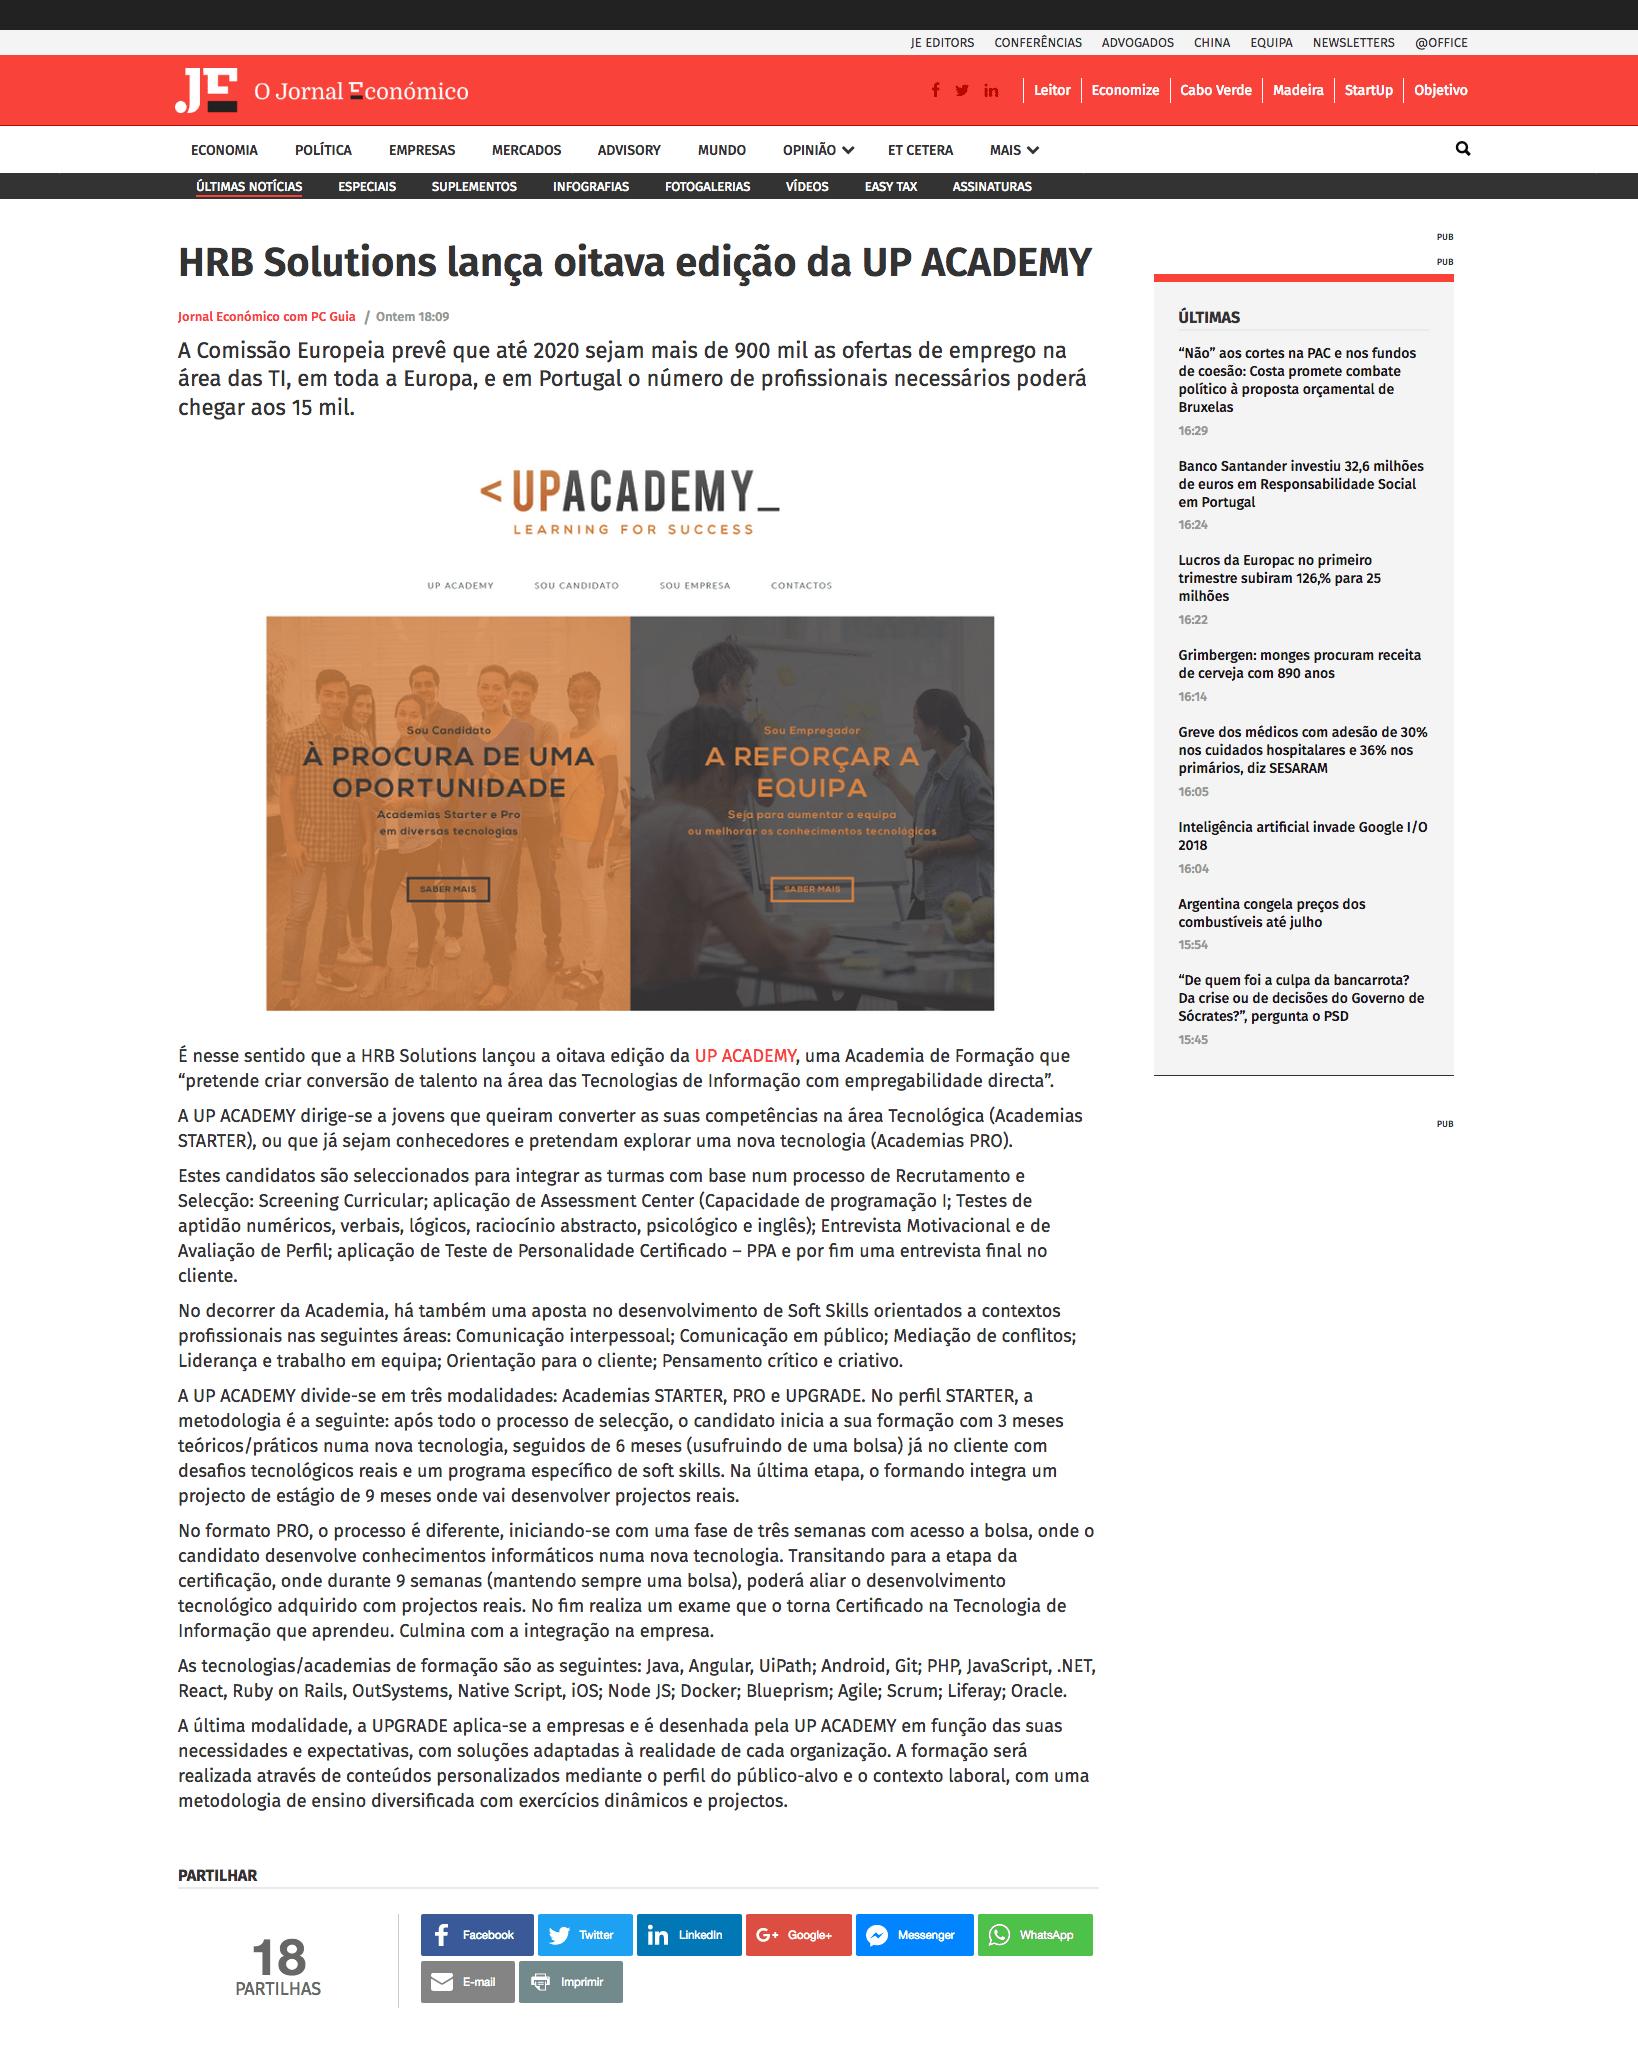 HRB Solutions lança oitava edição da UP Academy - Jornal Económico